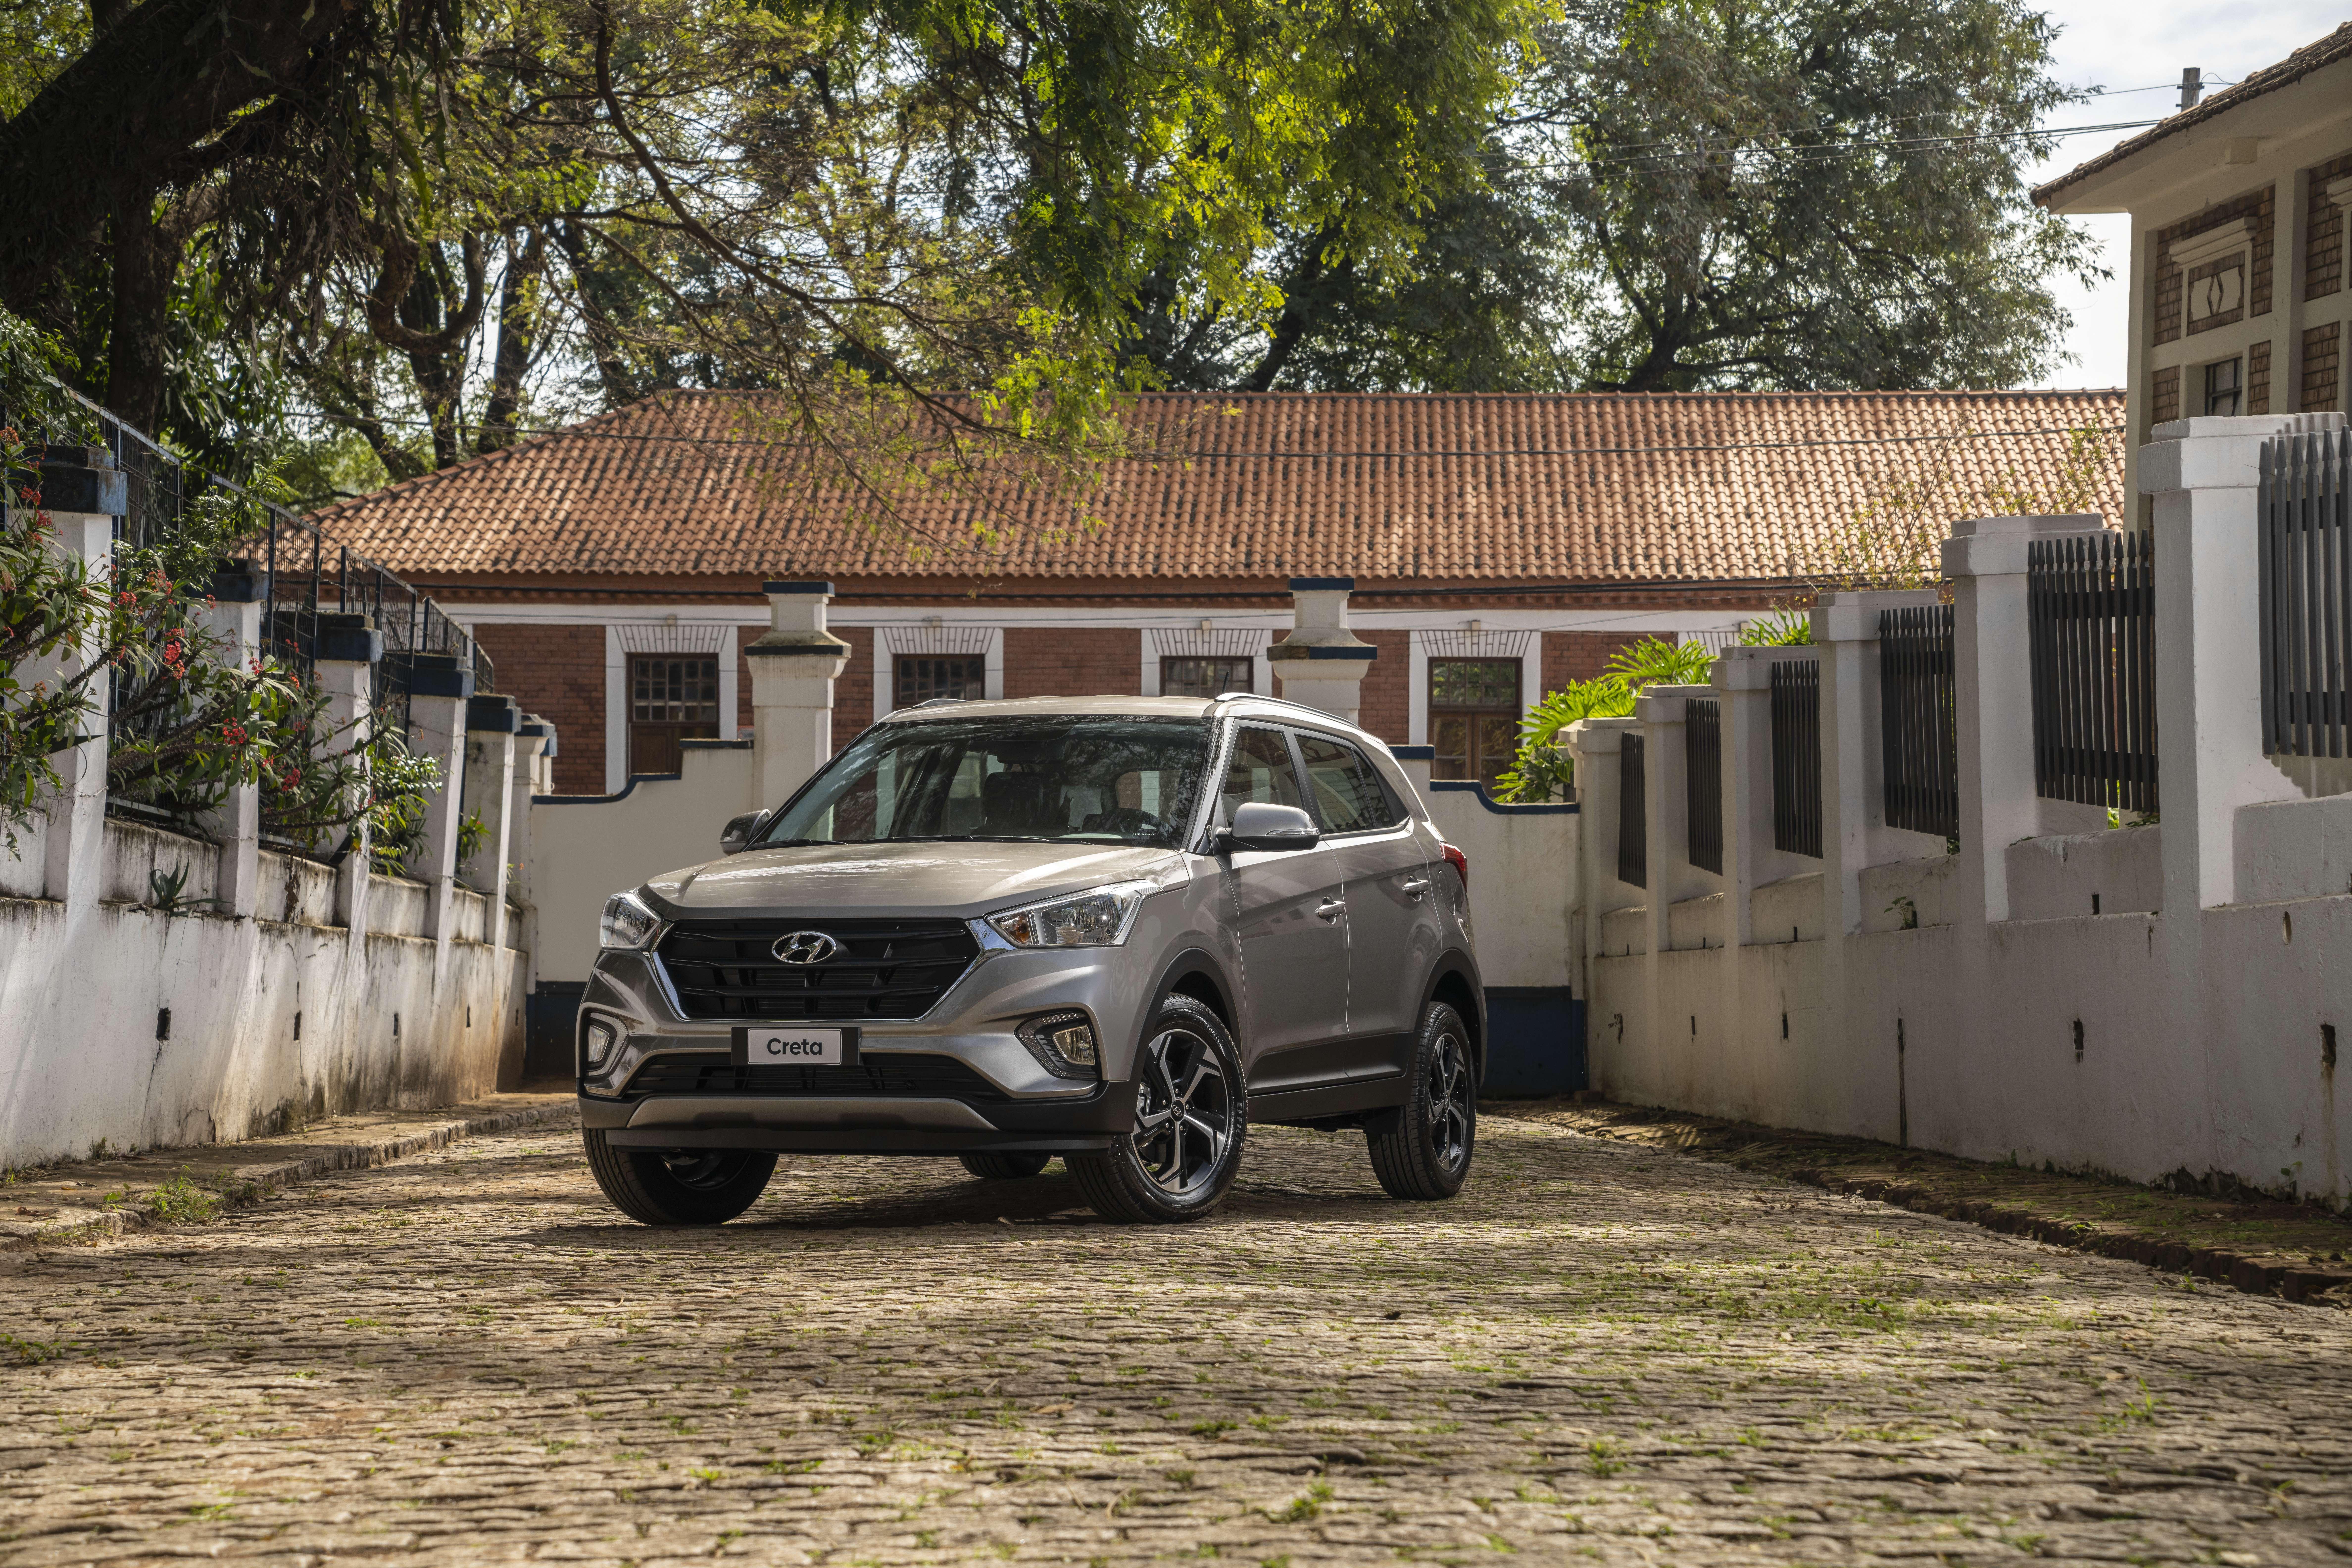 Hyundai lançou nova versão do SUV Creta, com preço abaixo dos R$ 100 mil